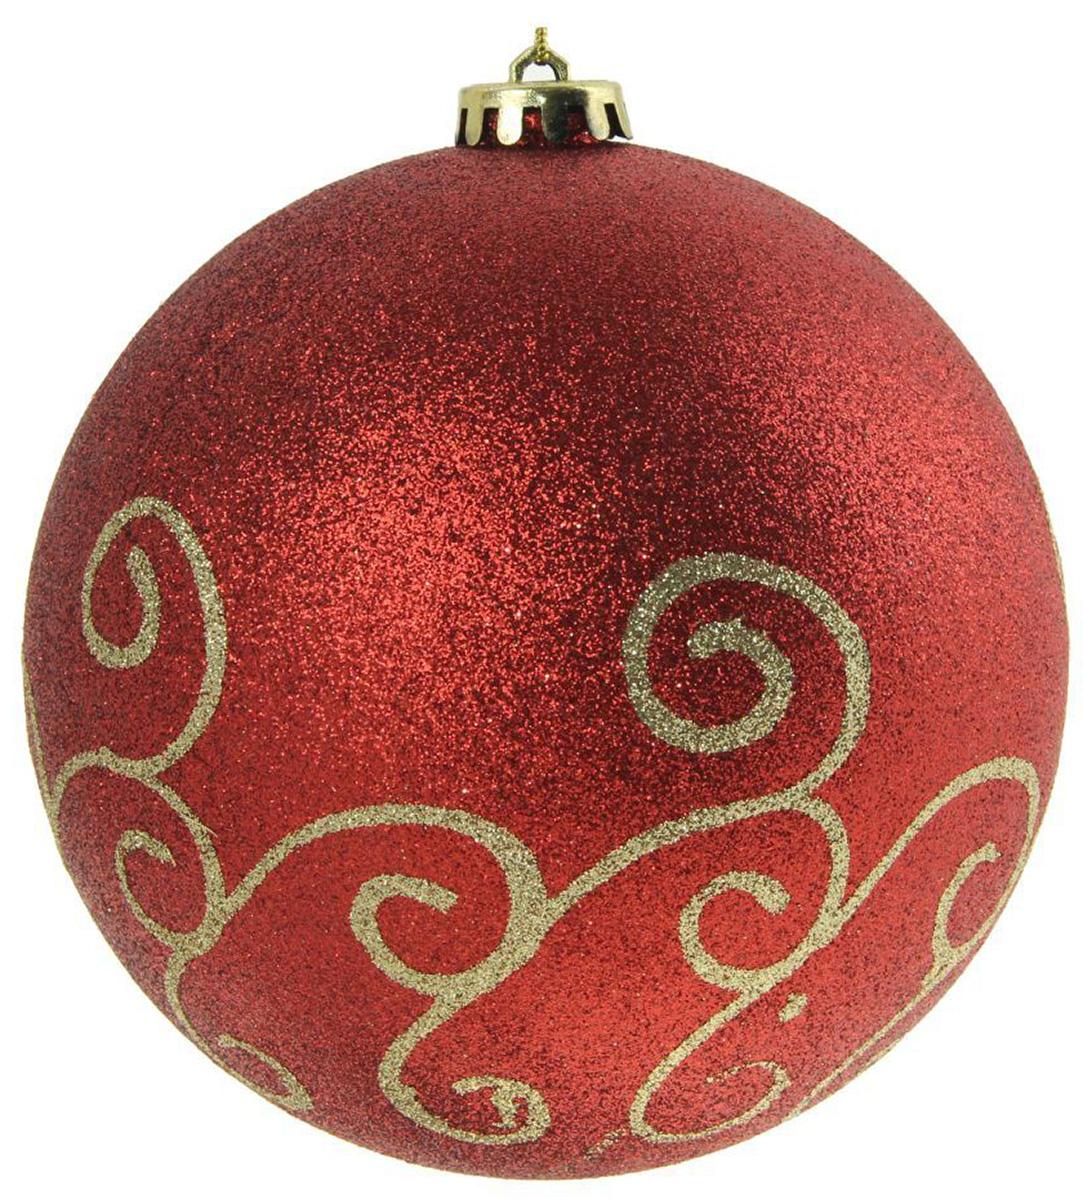 Украшение новогоднее елочное Sima-land Красный узор, диаметр 15 см1305732Невозможно представить нашу жизнь без праздников! Мы всегда ждём их и предвкушаем, обдумываем, как проведём памятный день, тщательно выбираем подарки и аксессуары, ведь именно они создают и поддерживают торжественный настрой.